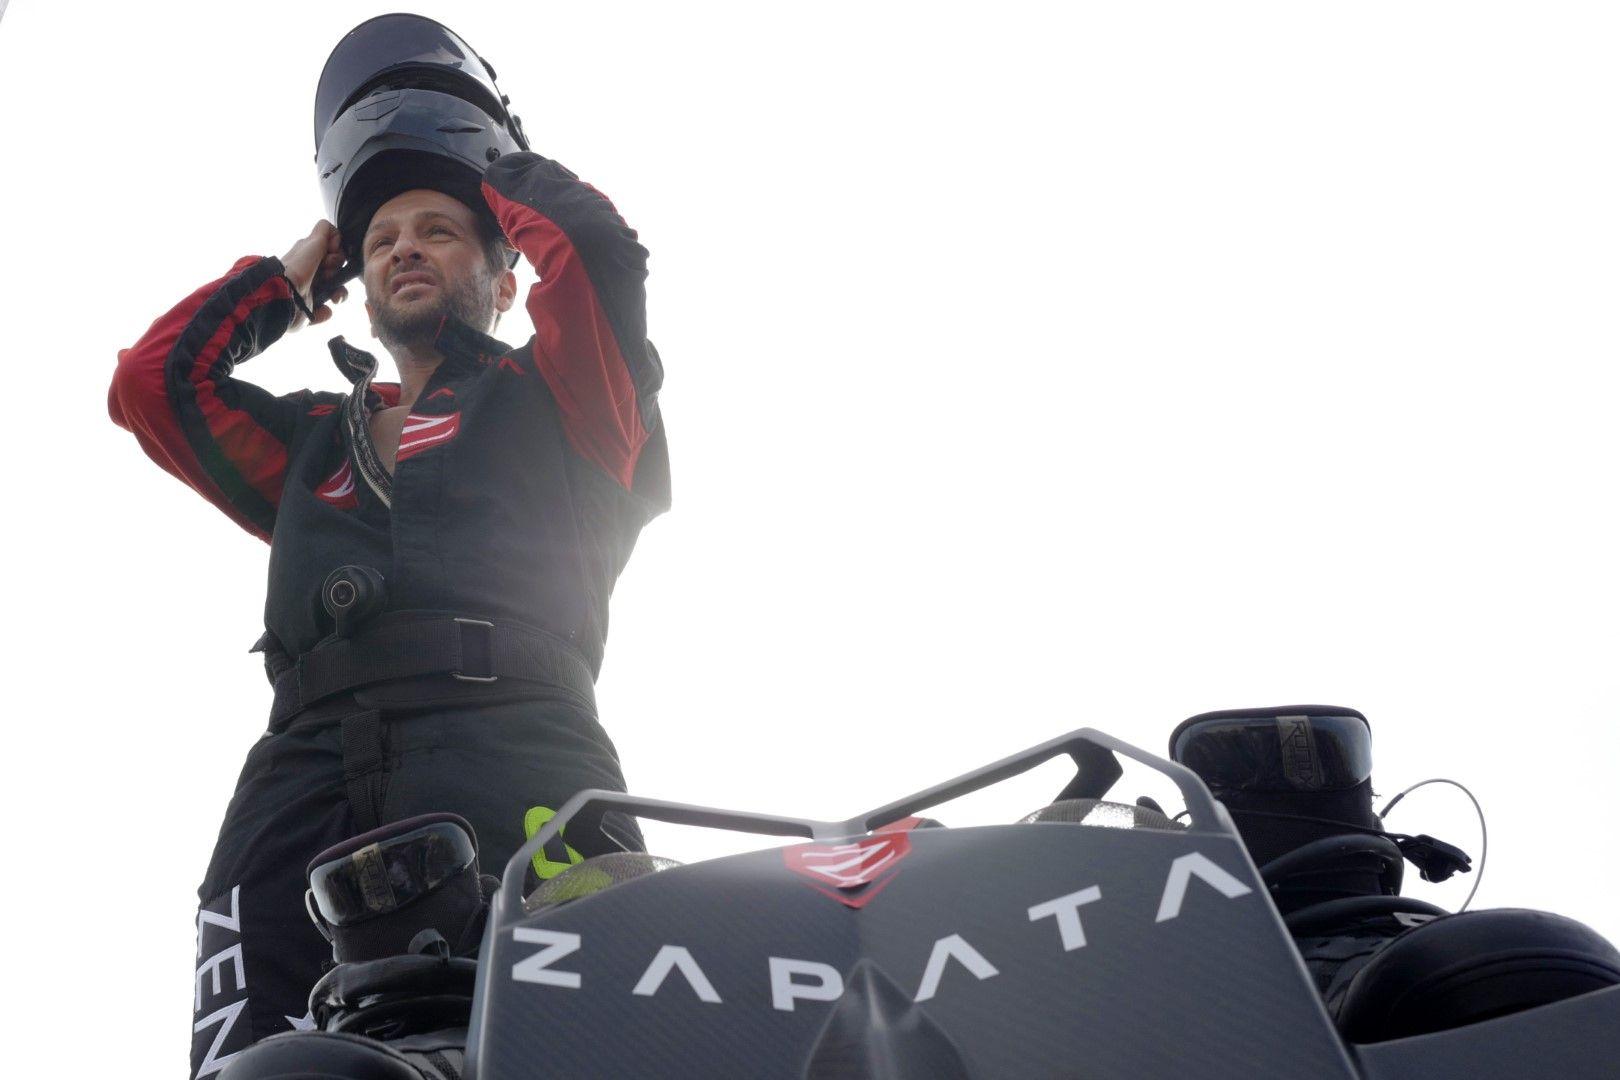 Франки Запата се подготвя за първия си опит на 25 юли